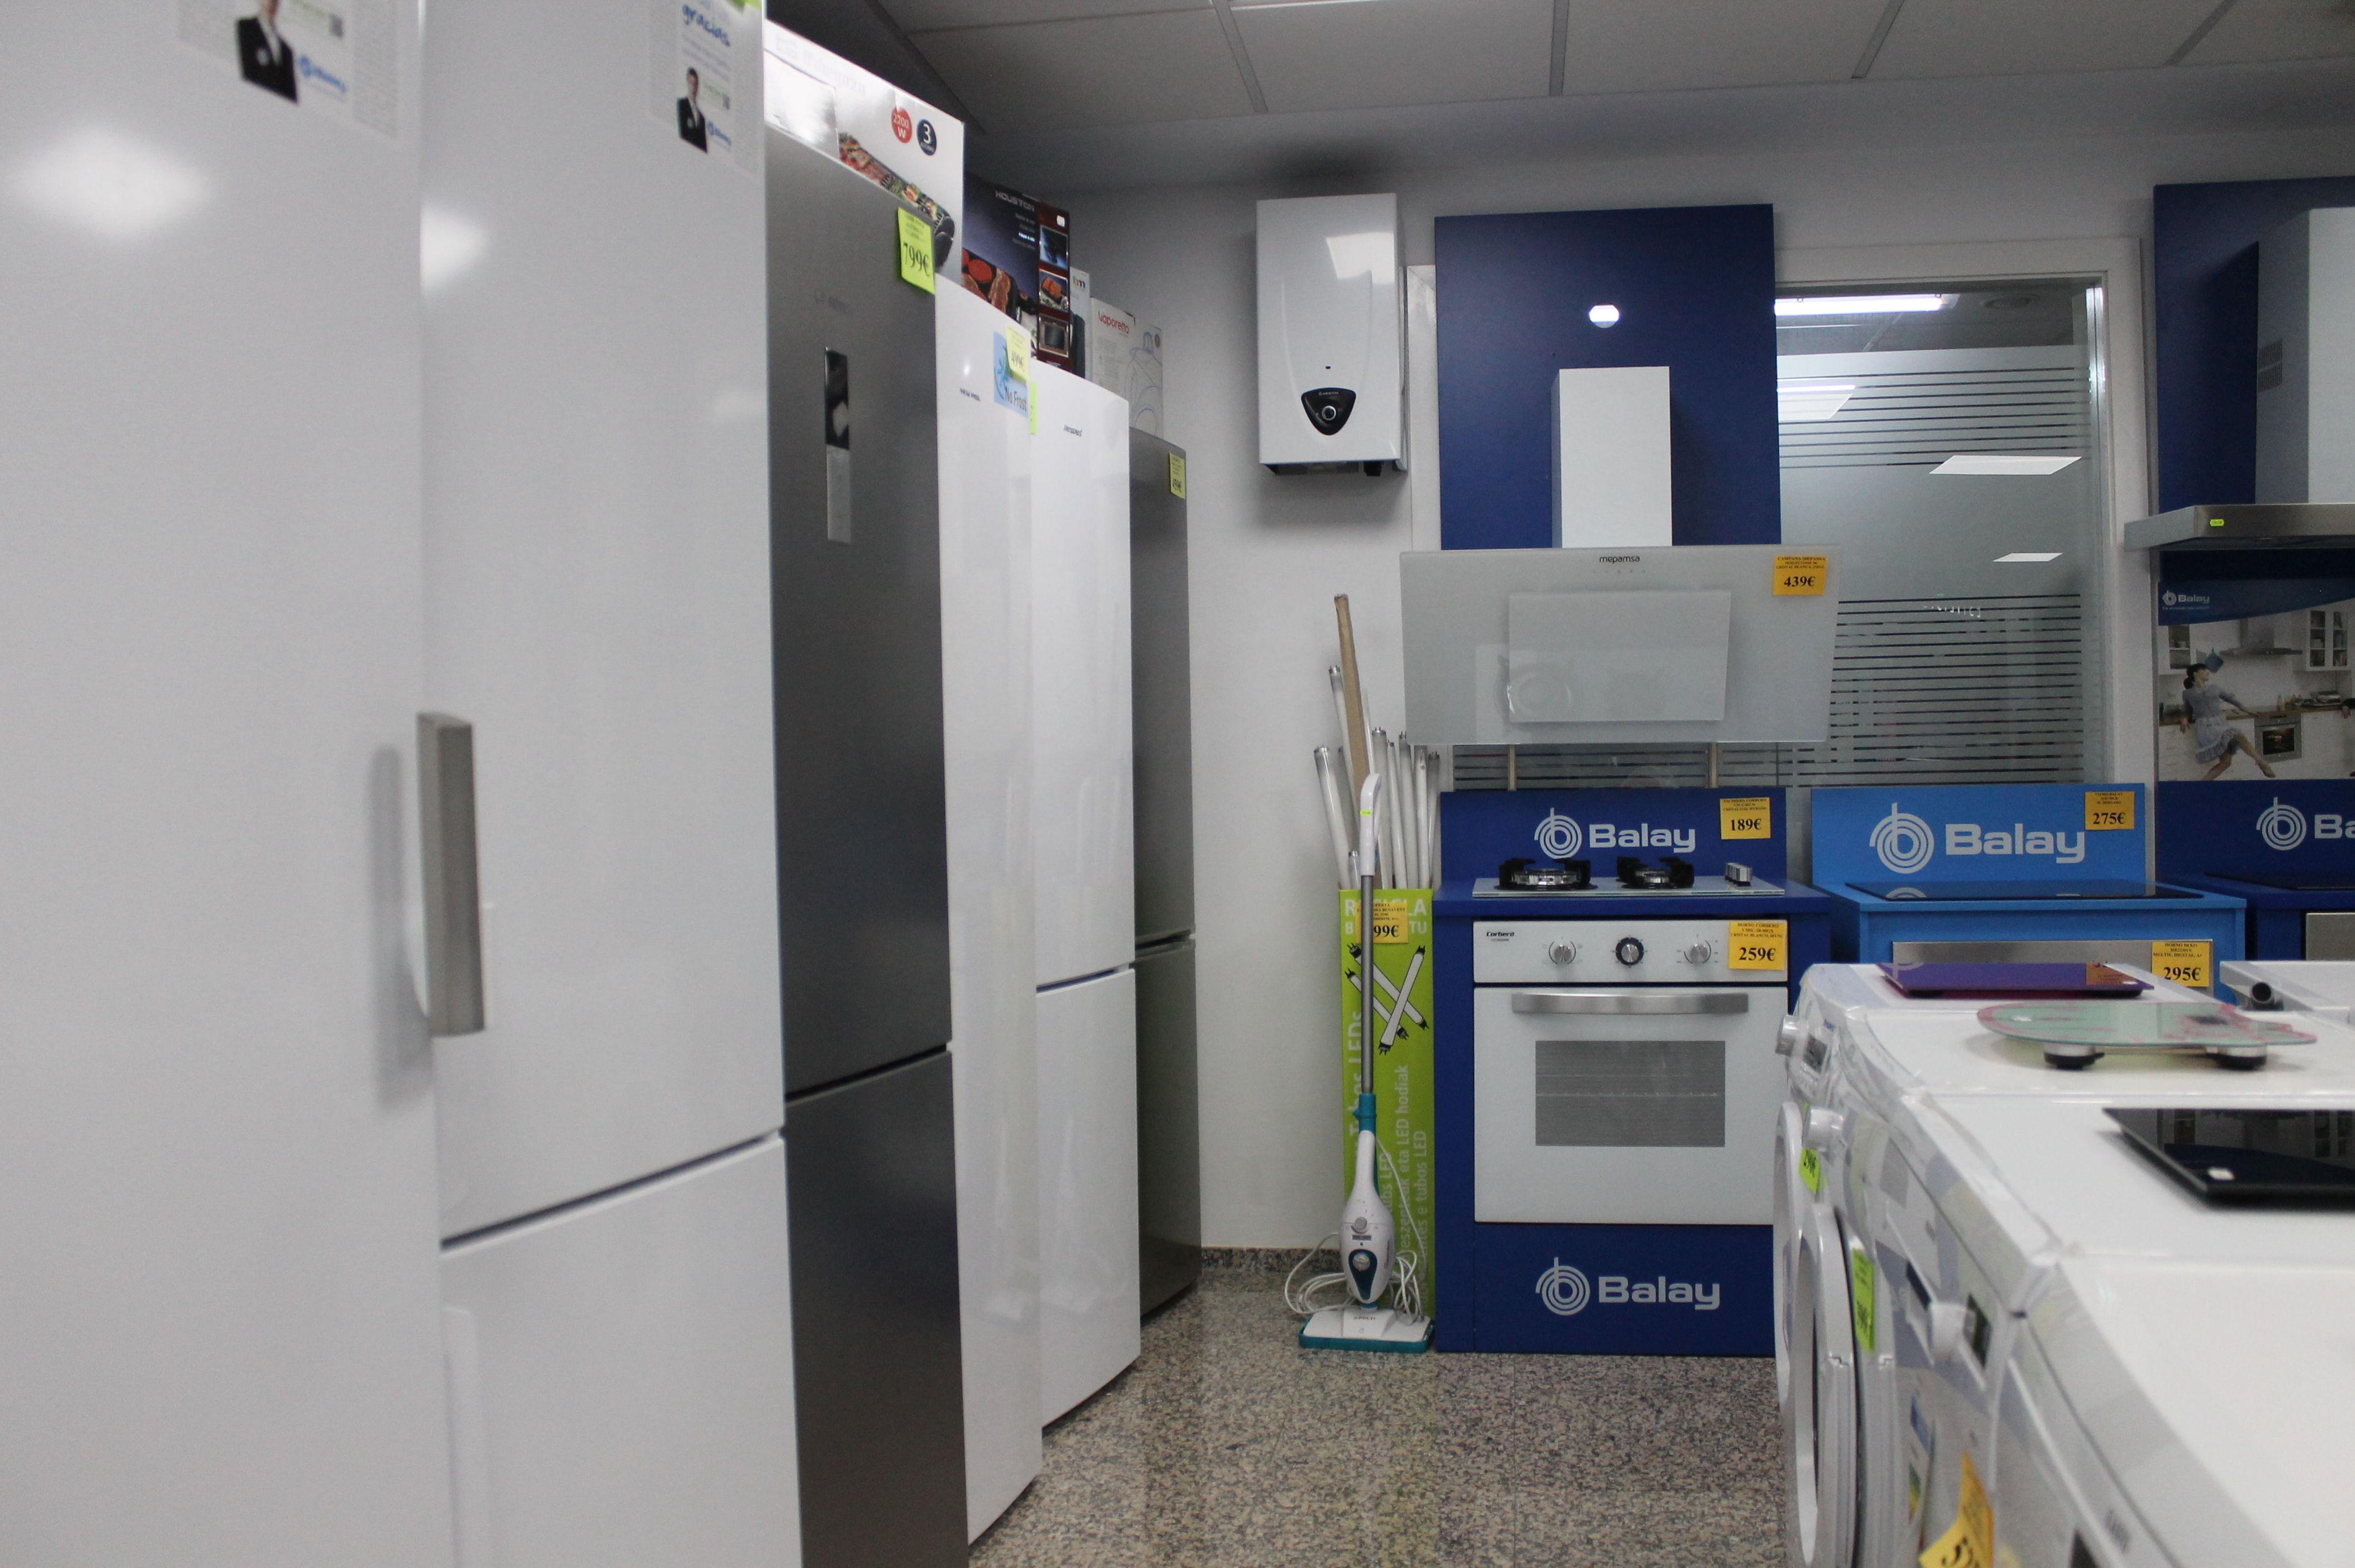 Venta de frigoríficos, calentadores, cocinas...en Tarragona